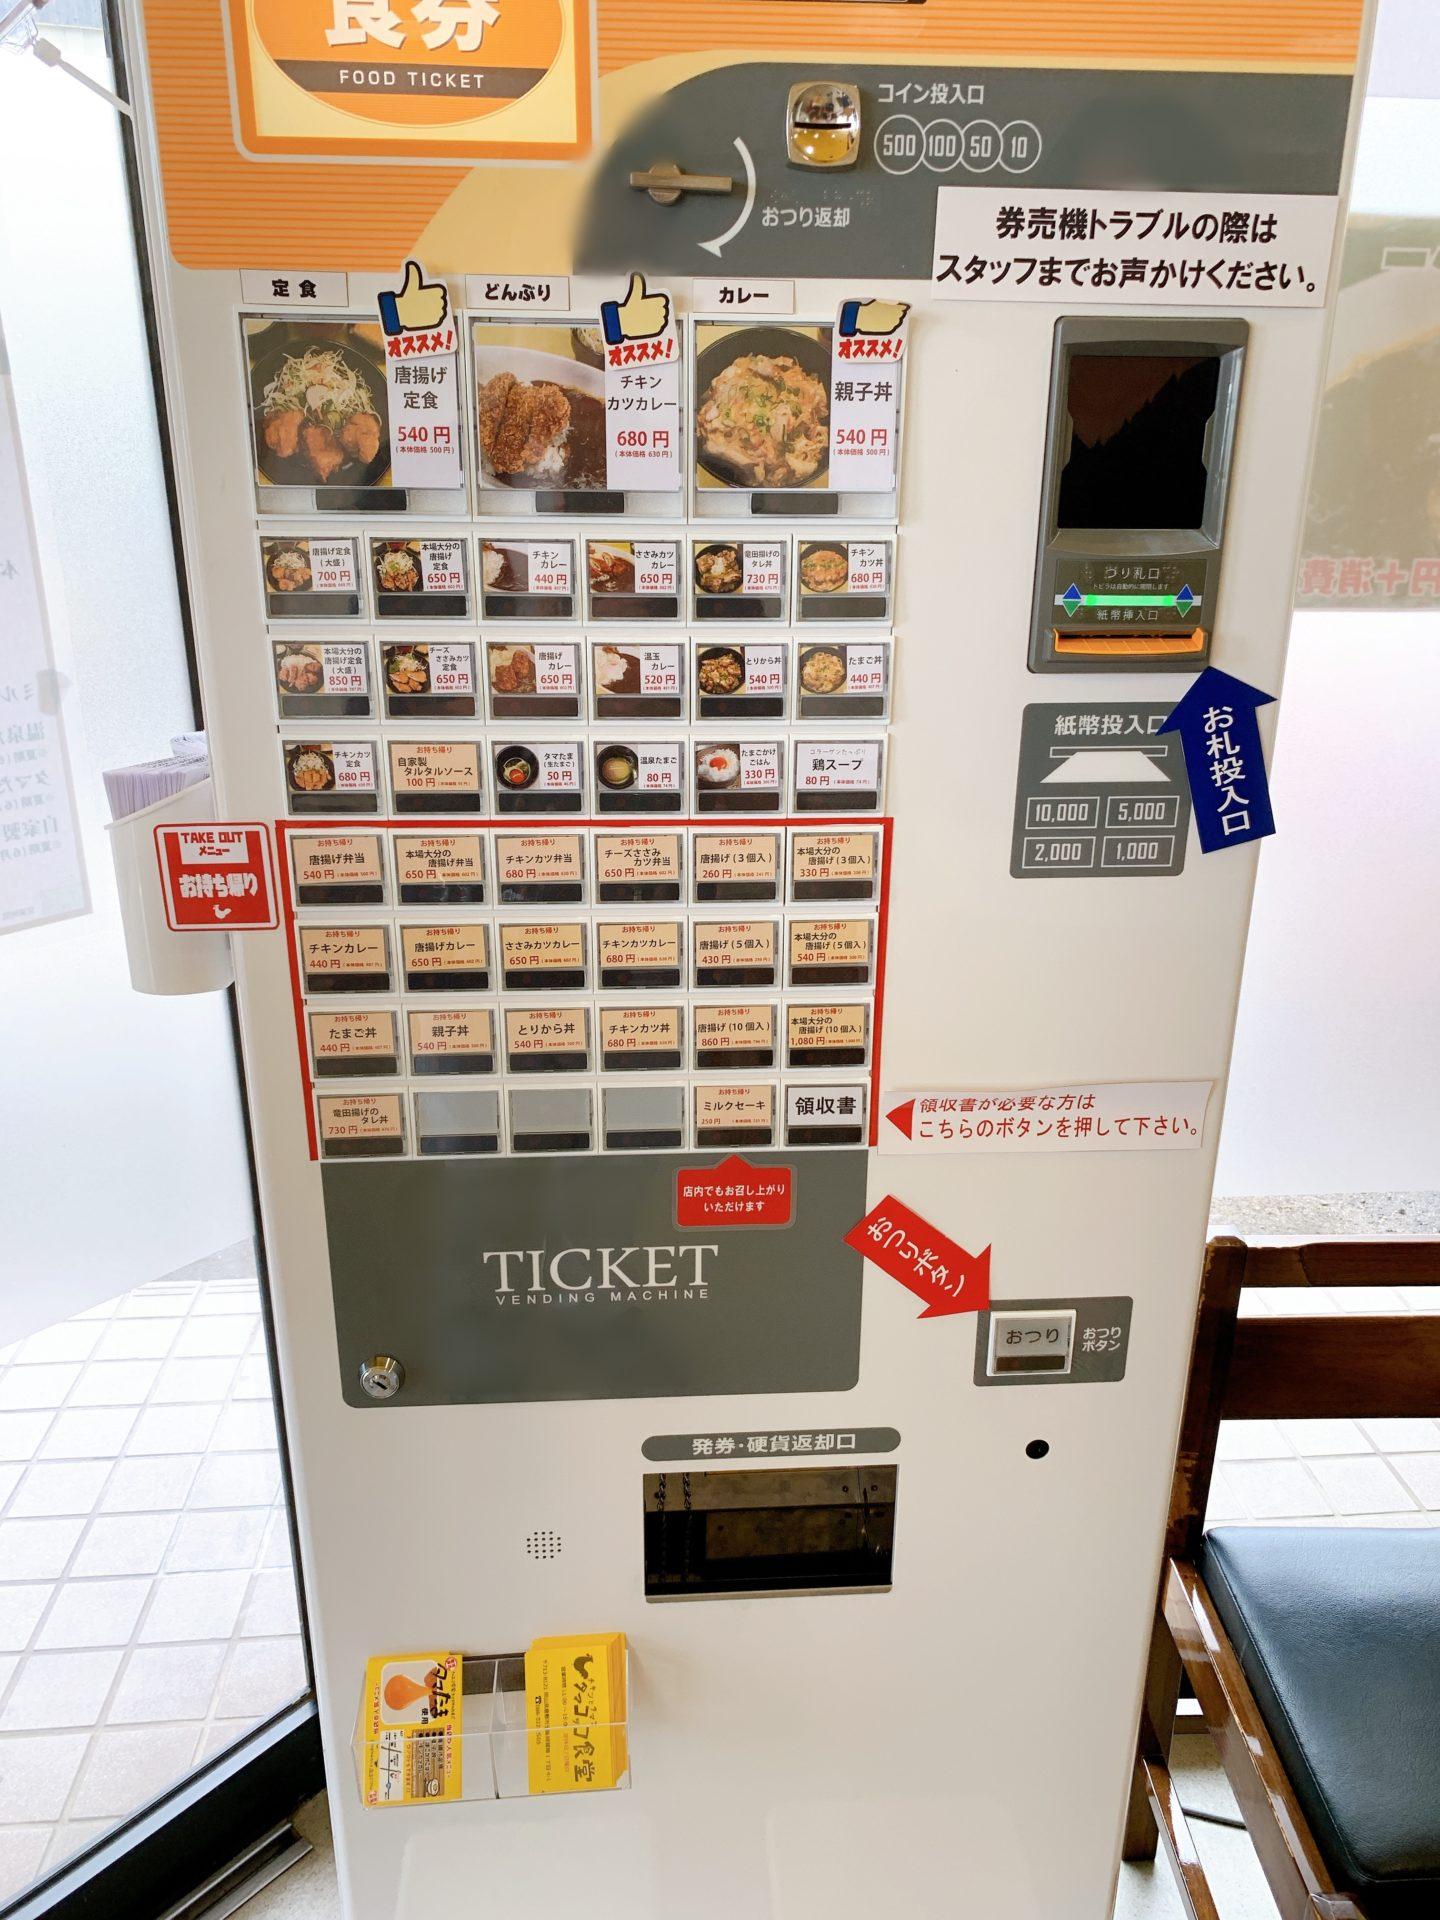 タマコッコ食堂の食券機